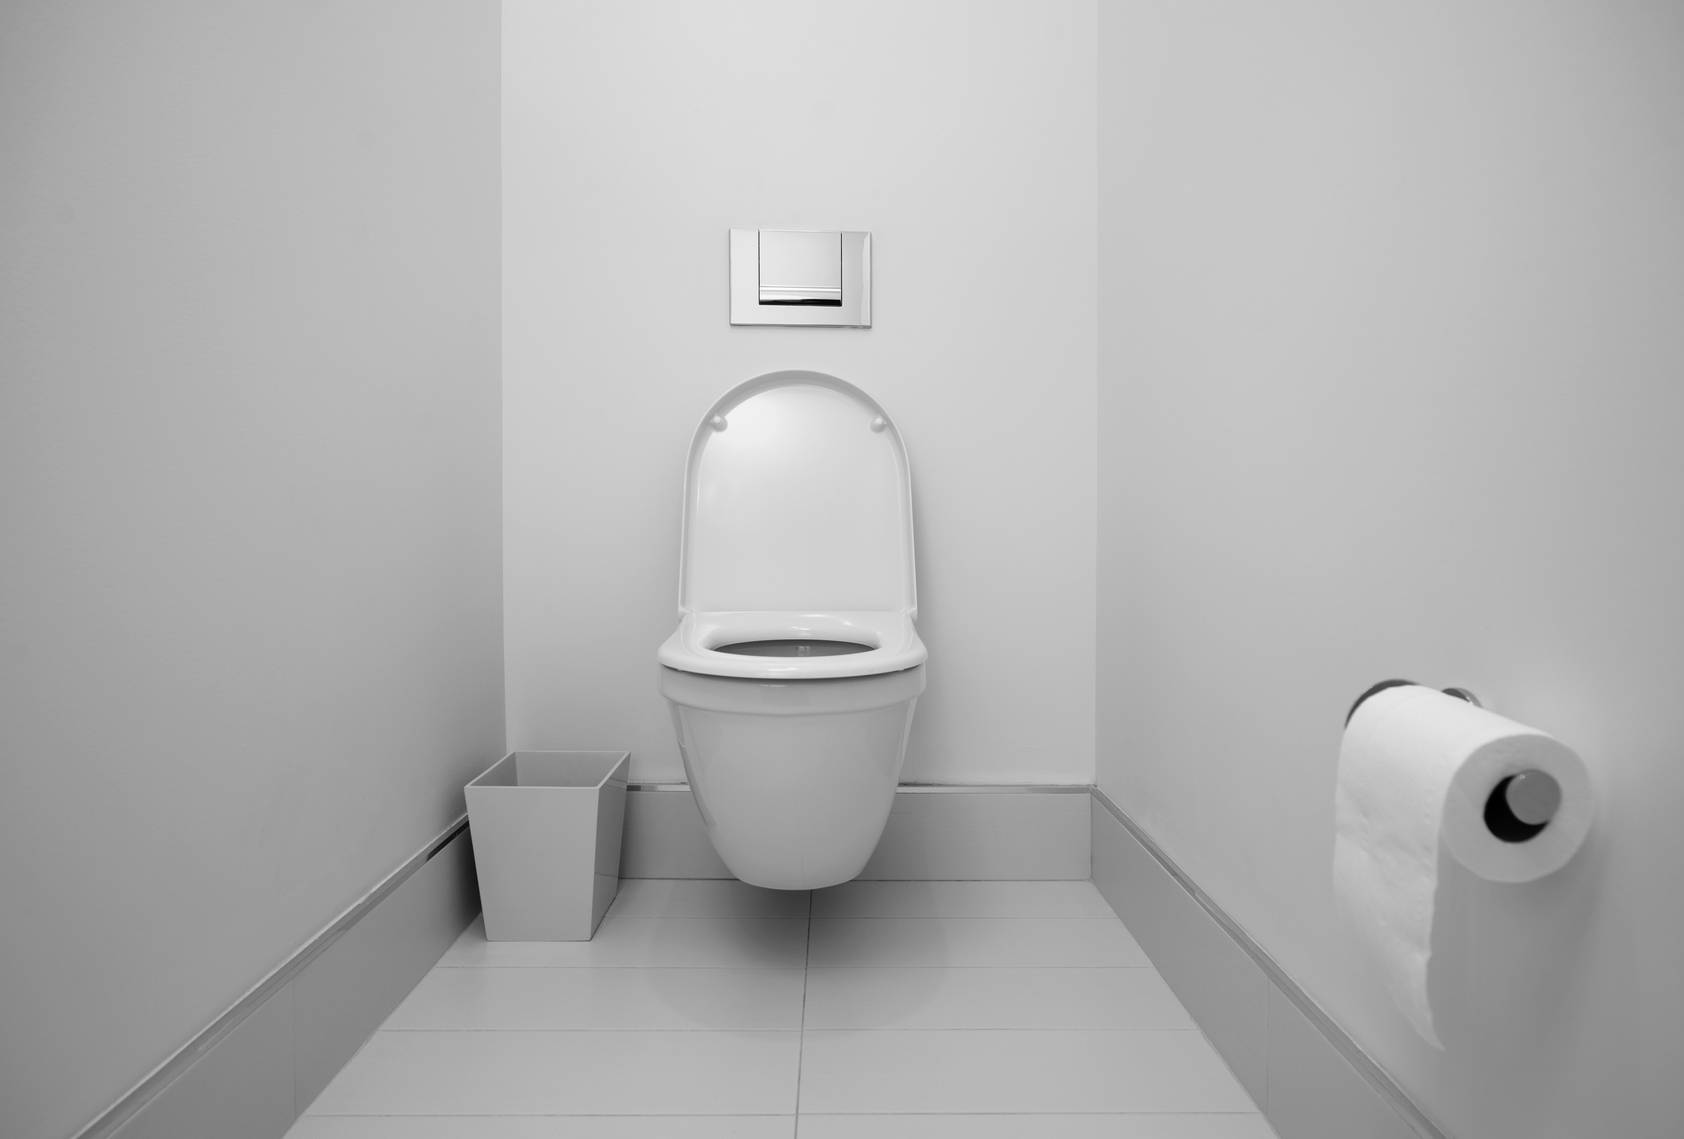 astuces pour liminer les mauvaises odeurs dans les toilettes. Black Bedroom Furniture Sets. Home Design Ideas